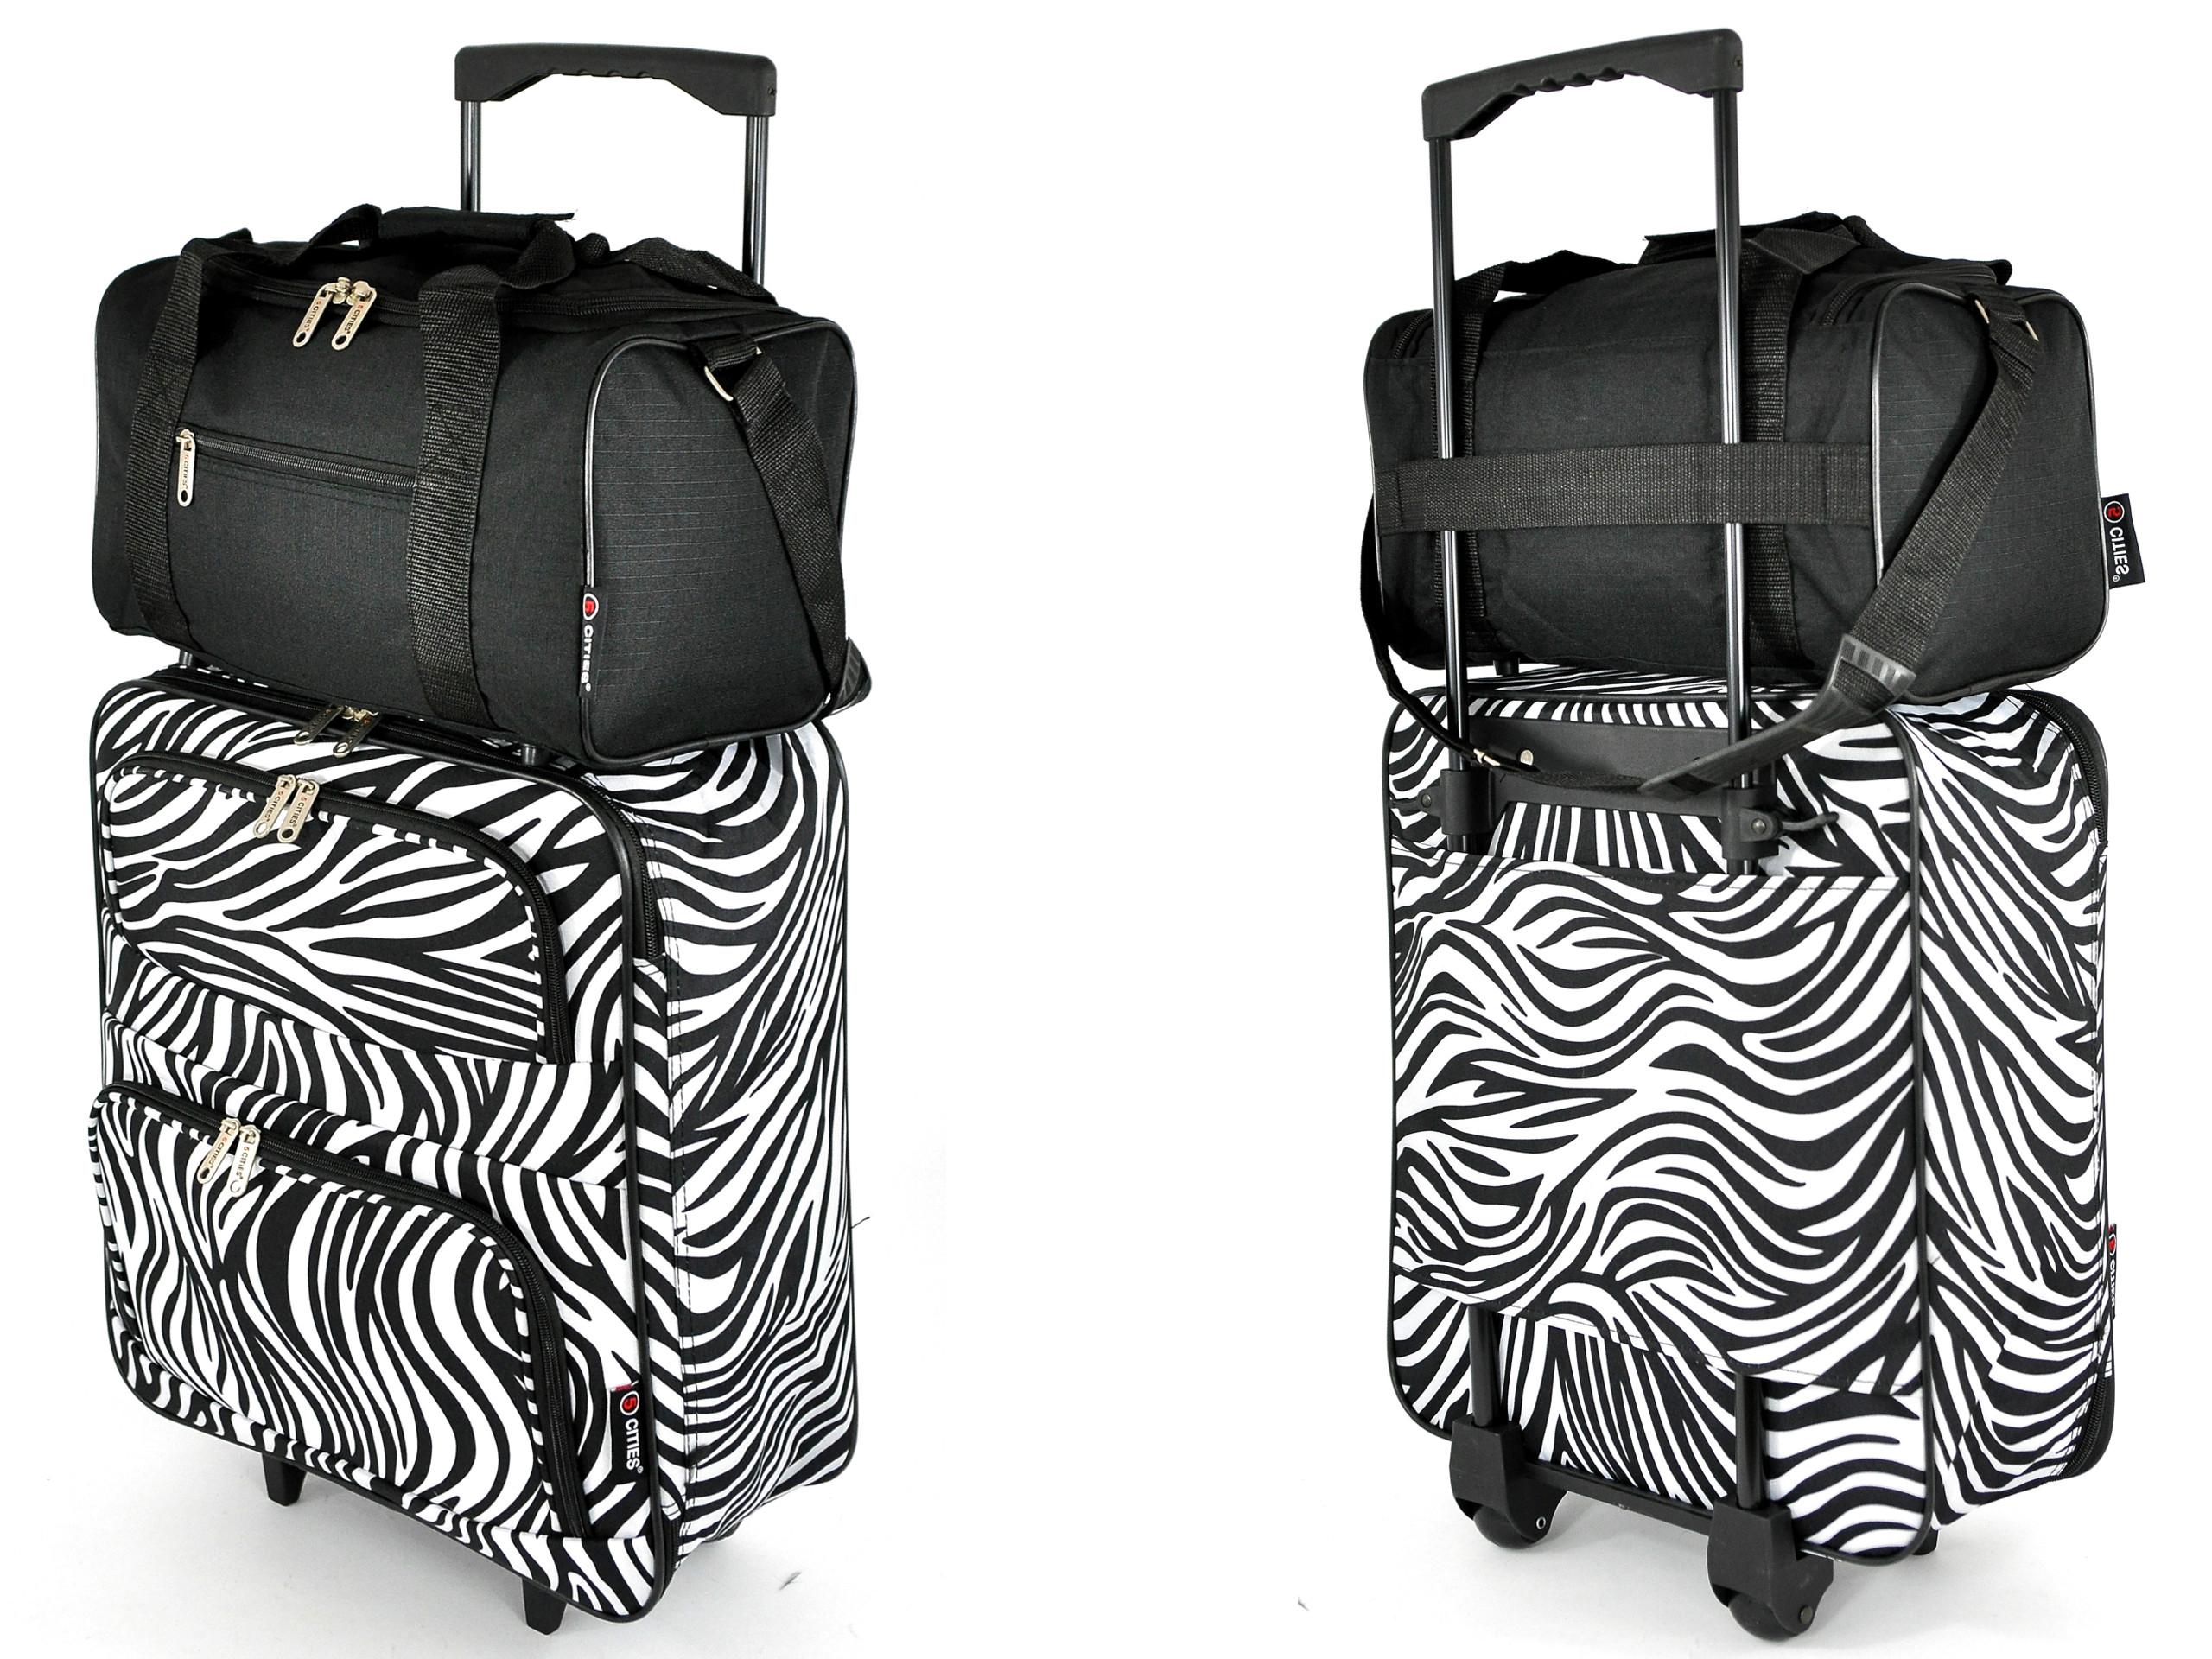 c21fc96f91927 walizka 50x40x20 + torba 35x20x20 BAGAŻ do RYANAIR - 7224981060 ...